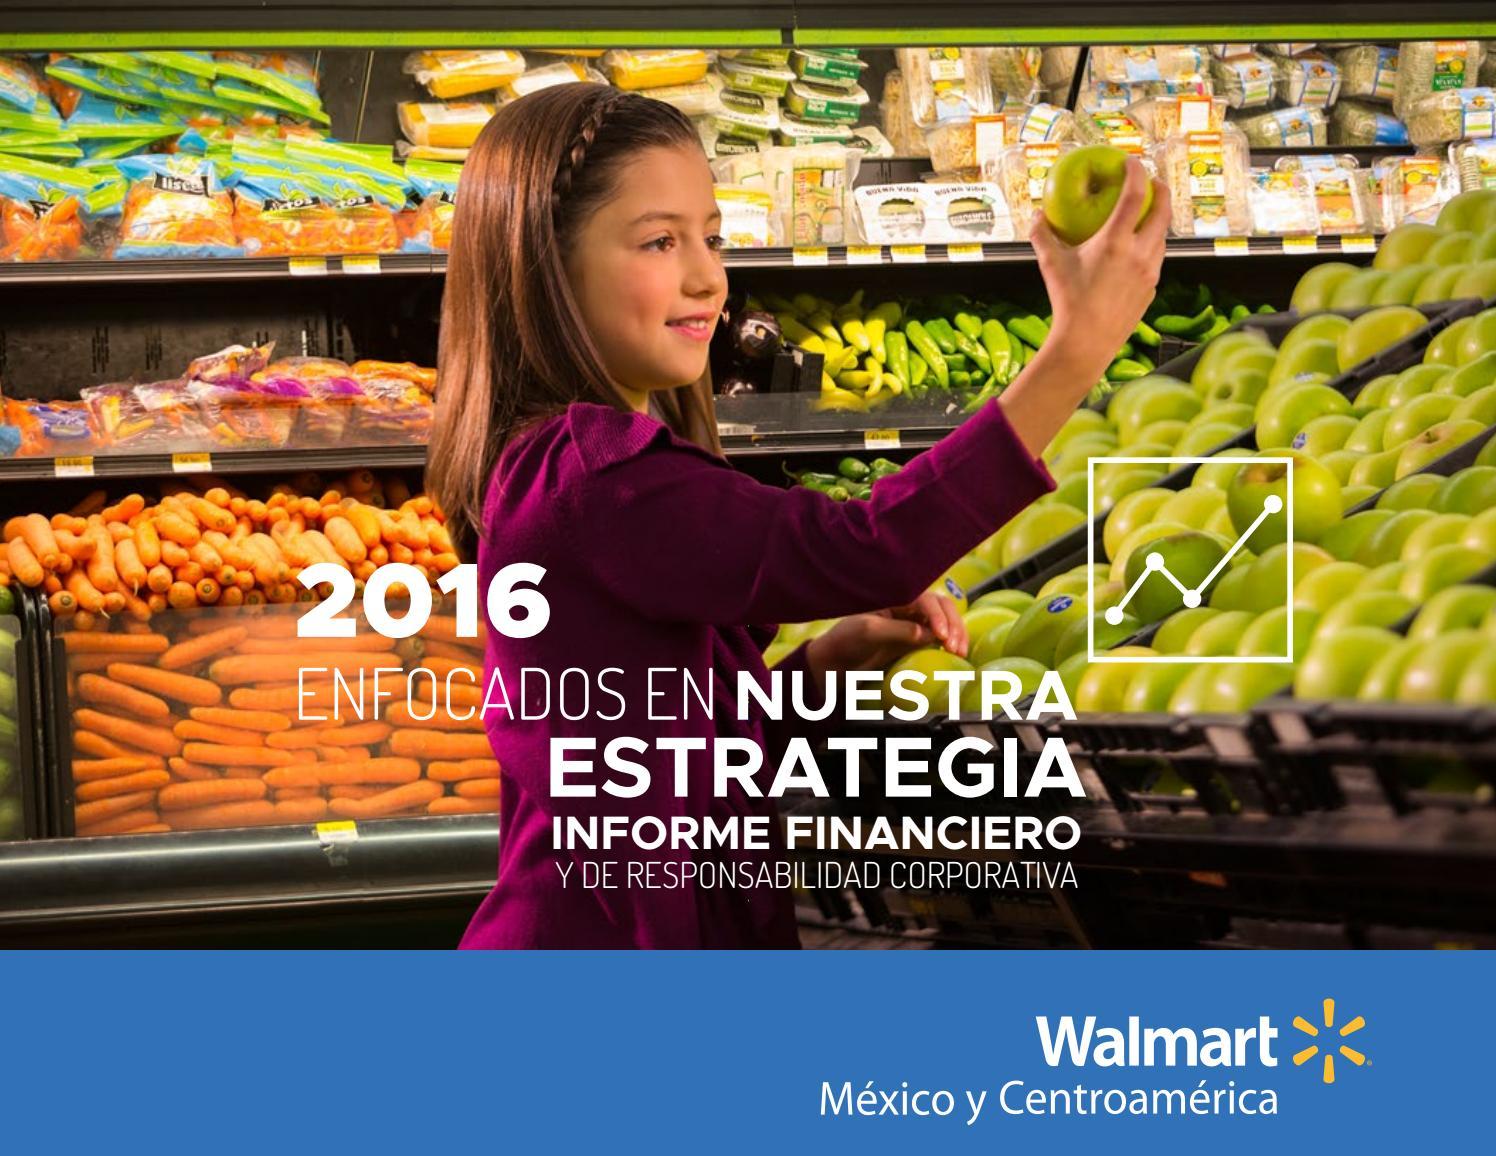 Informe corporativo responsabilidad social walmart by Leticia Salas ...